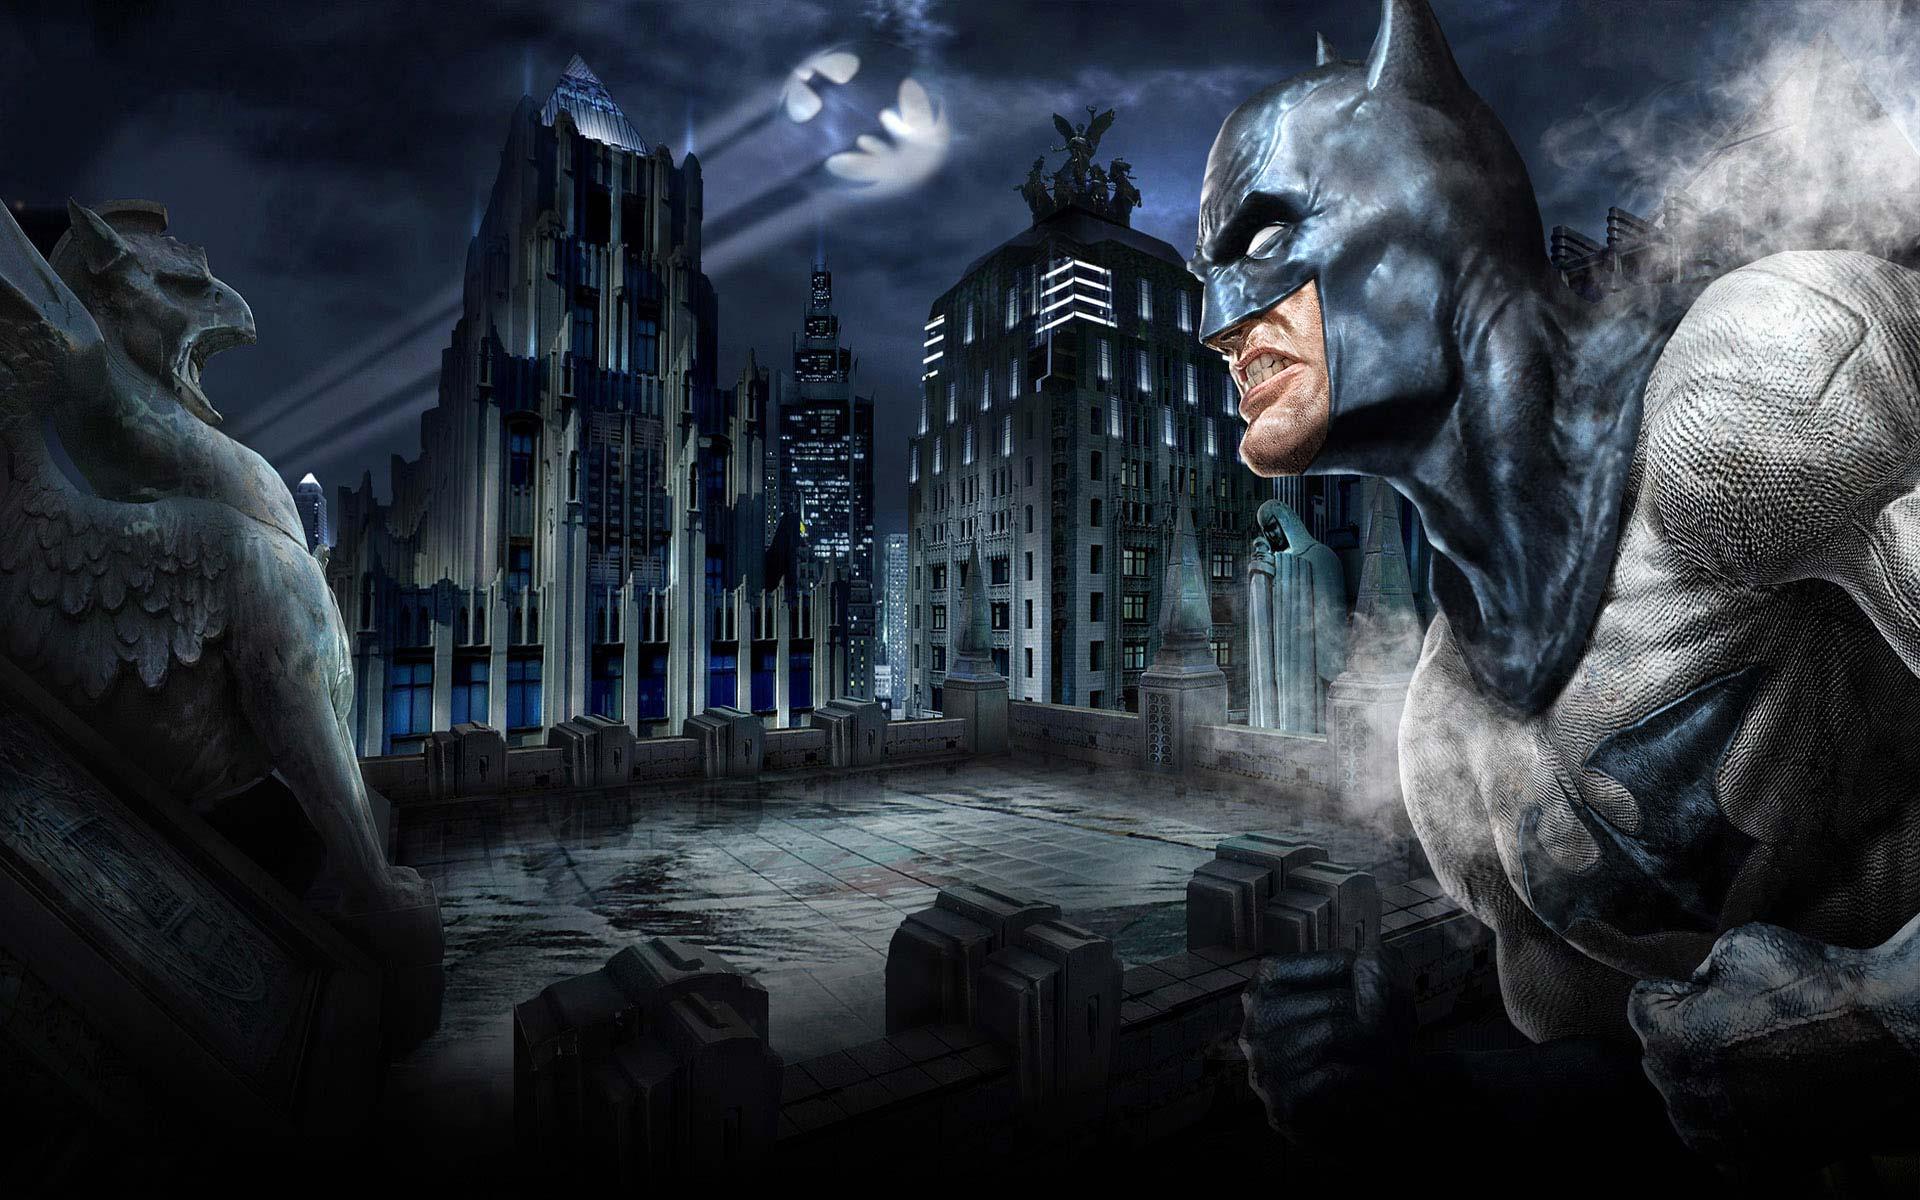 Cool Batman Wallpaper 1920x1200